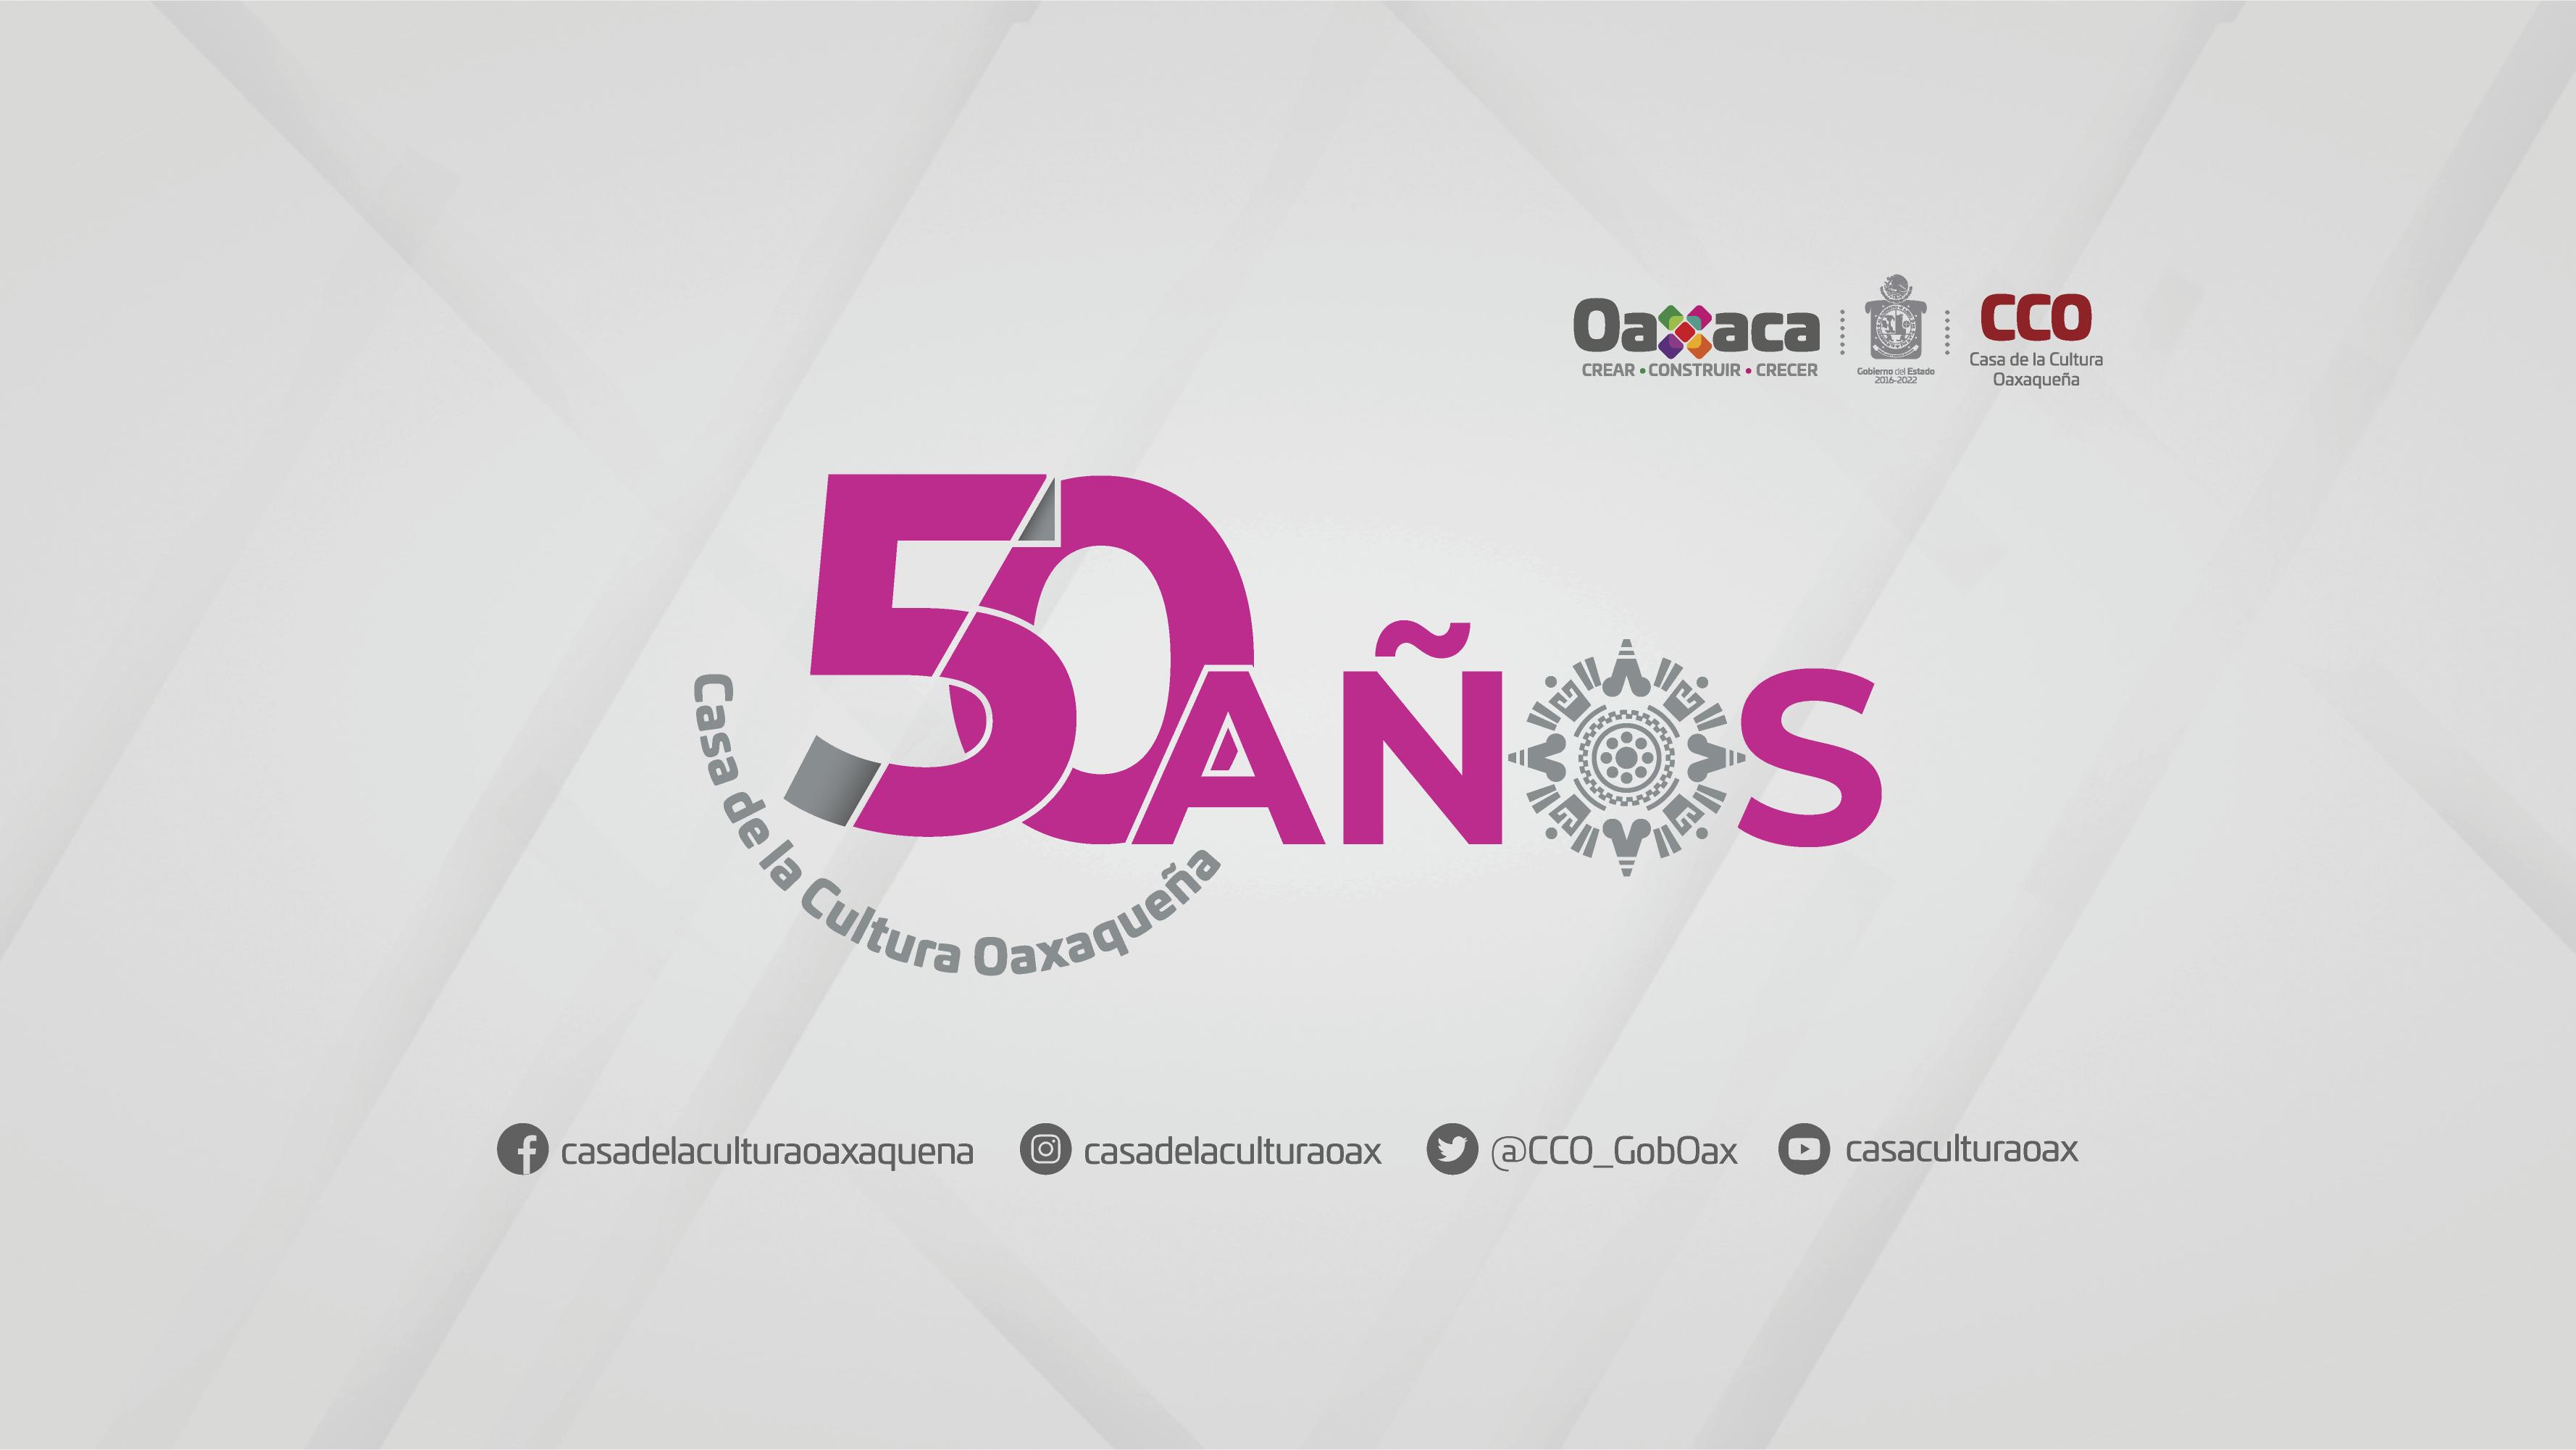 Celebración del 50 aniversario de la CCO llegó a 21 países y obtuvo 35 mil 129 reproducciones